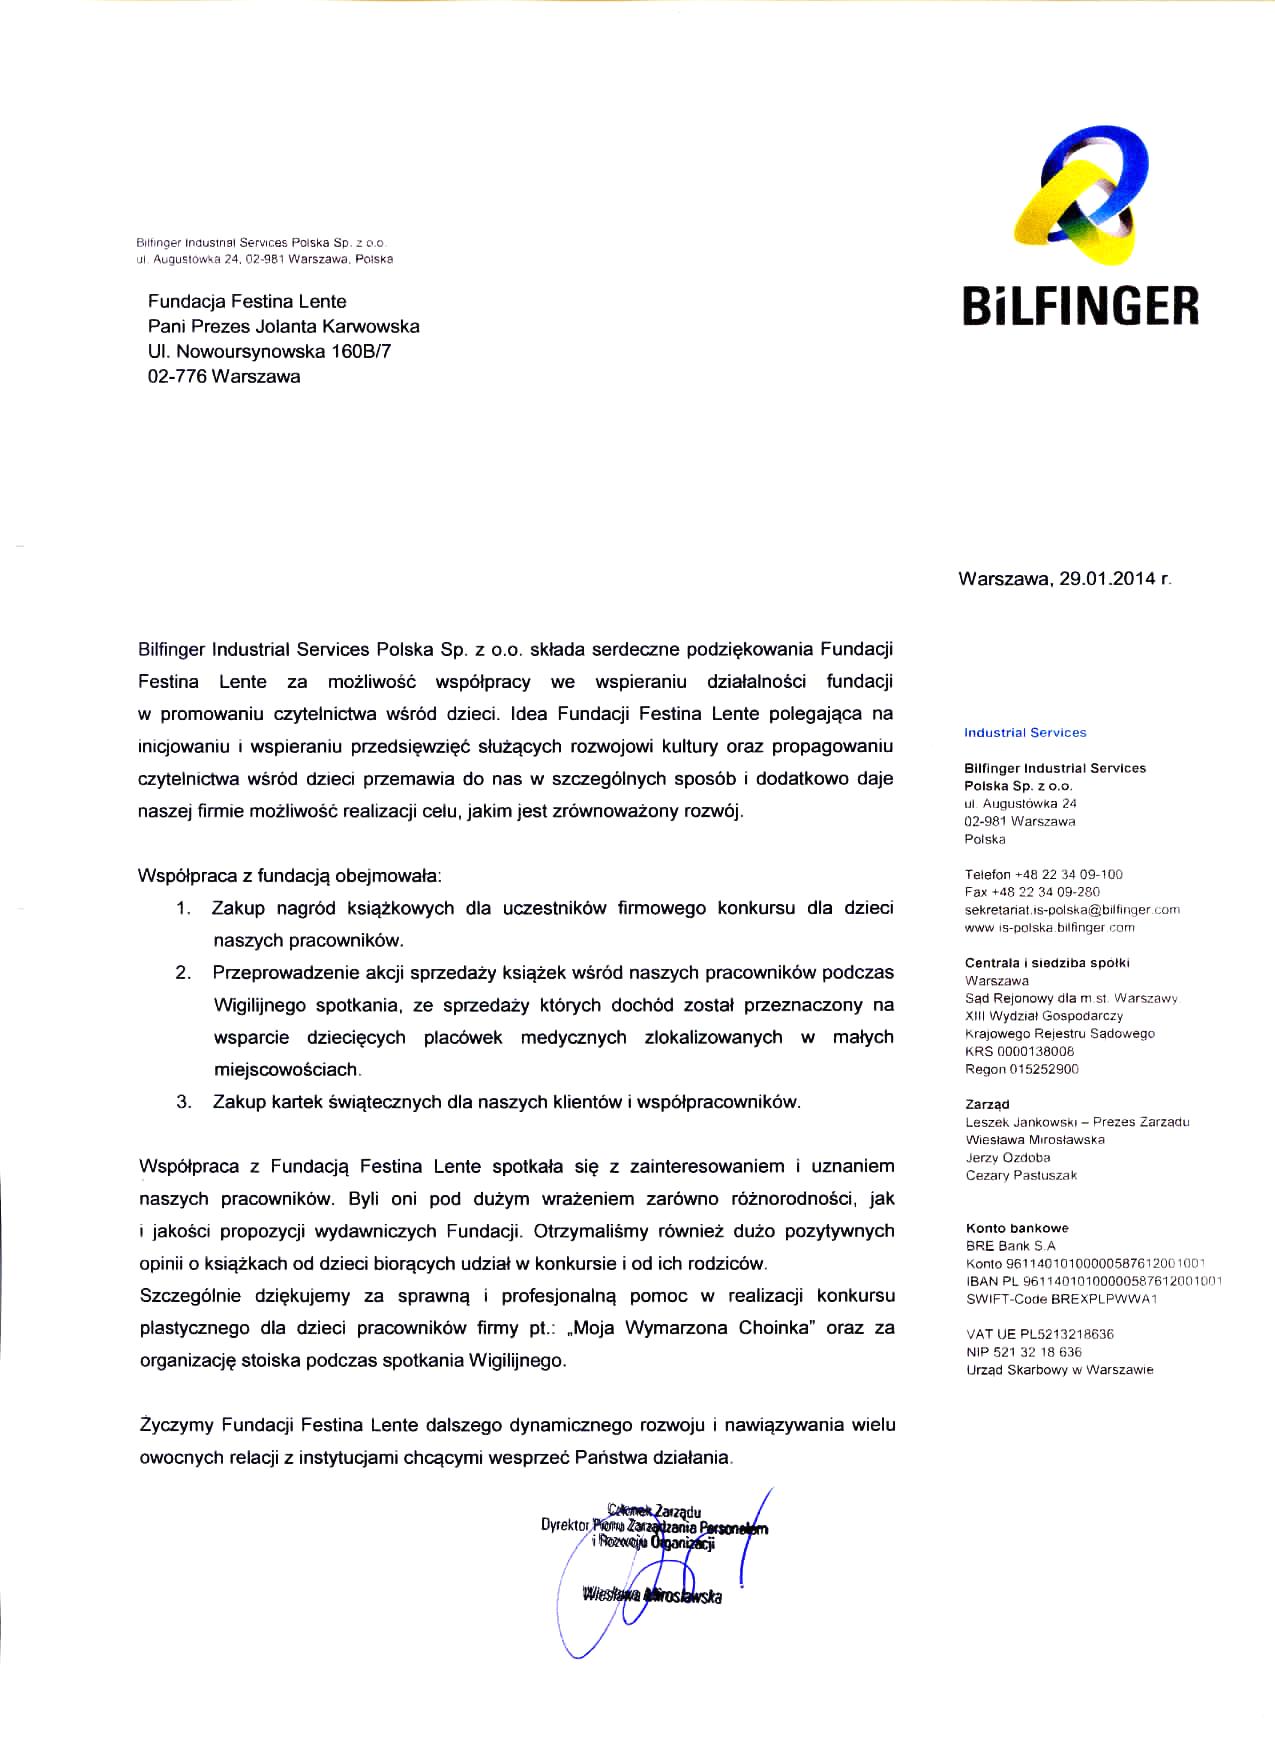 Bilfinger rekomendacja